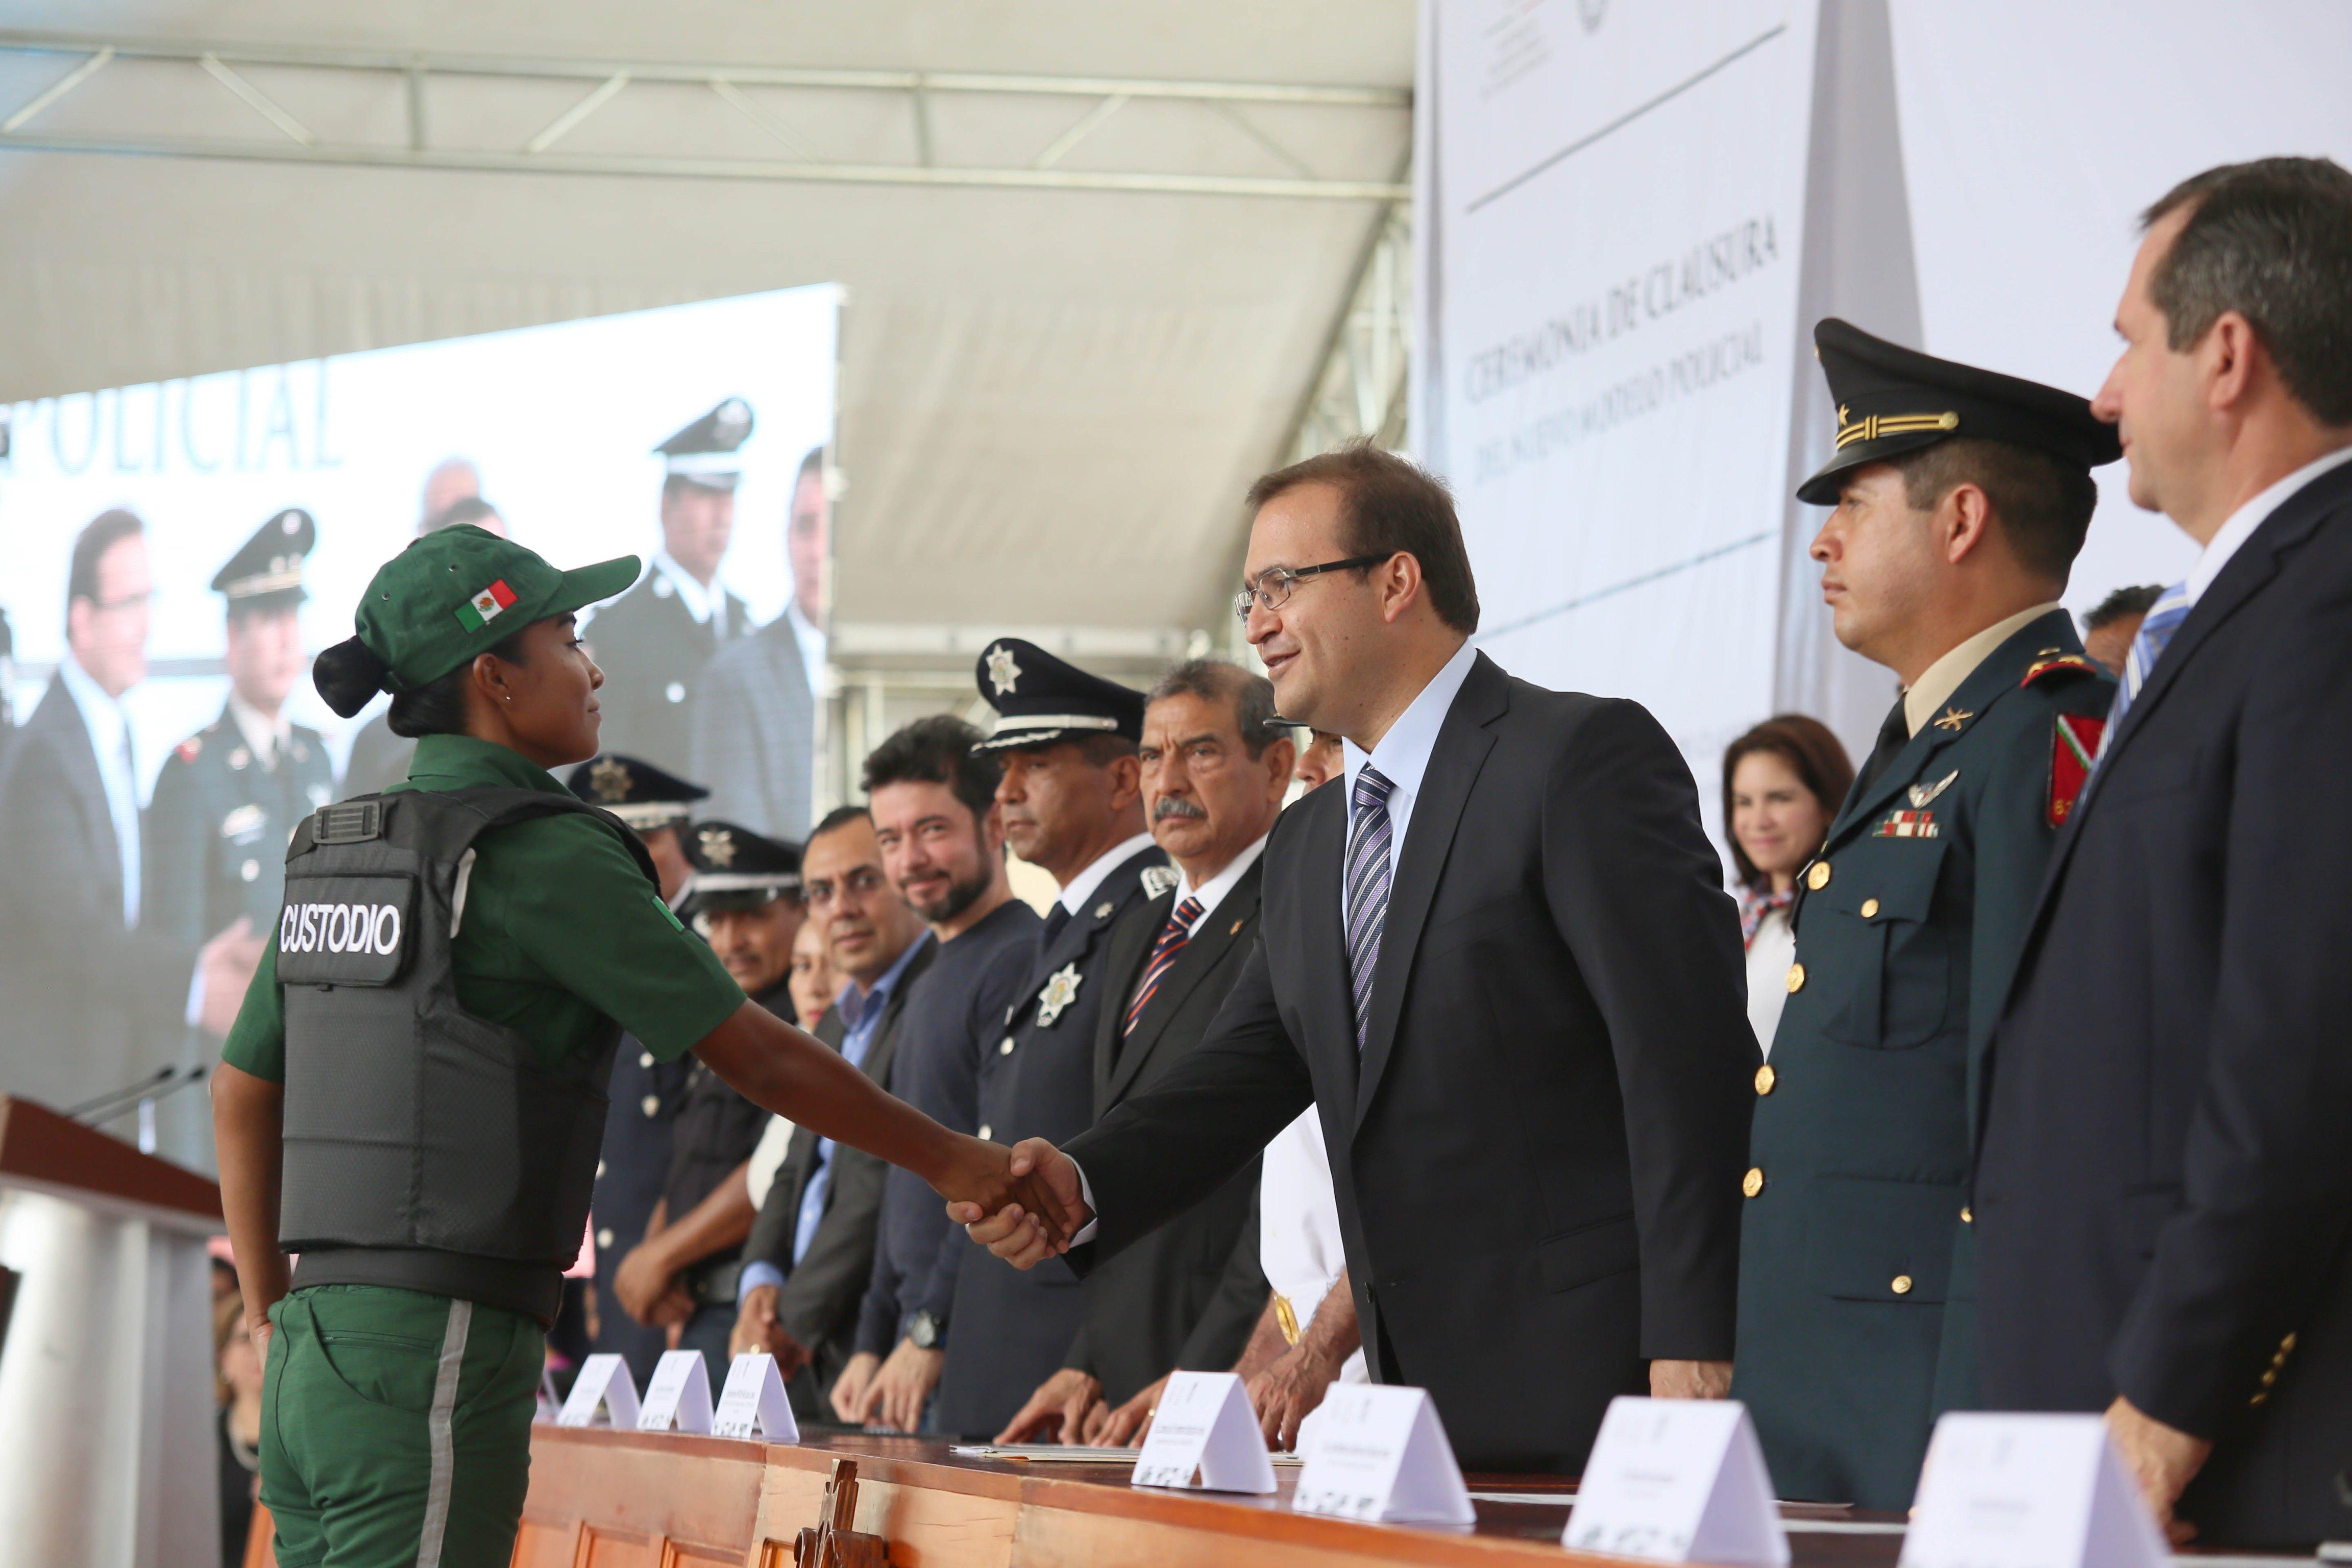 En Veracruz, seguimos trabajando por un Estado de Derecho con orden, legalidad y justicia: Javier Duarte